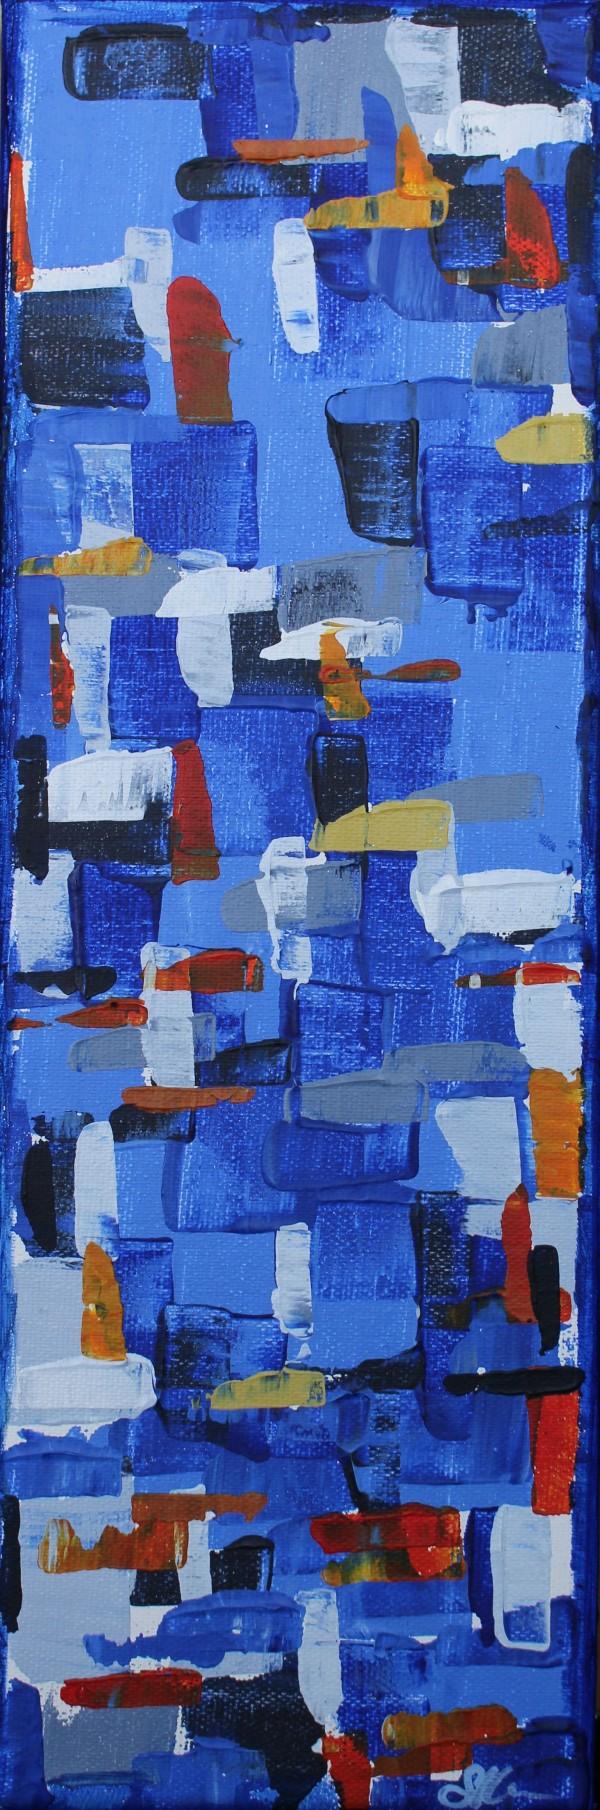 Sails by Sonya Kleshik